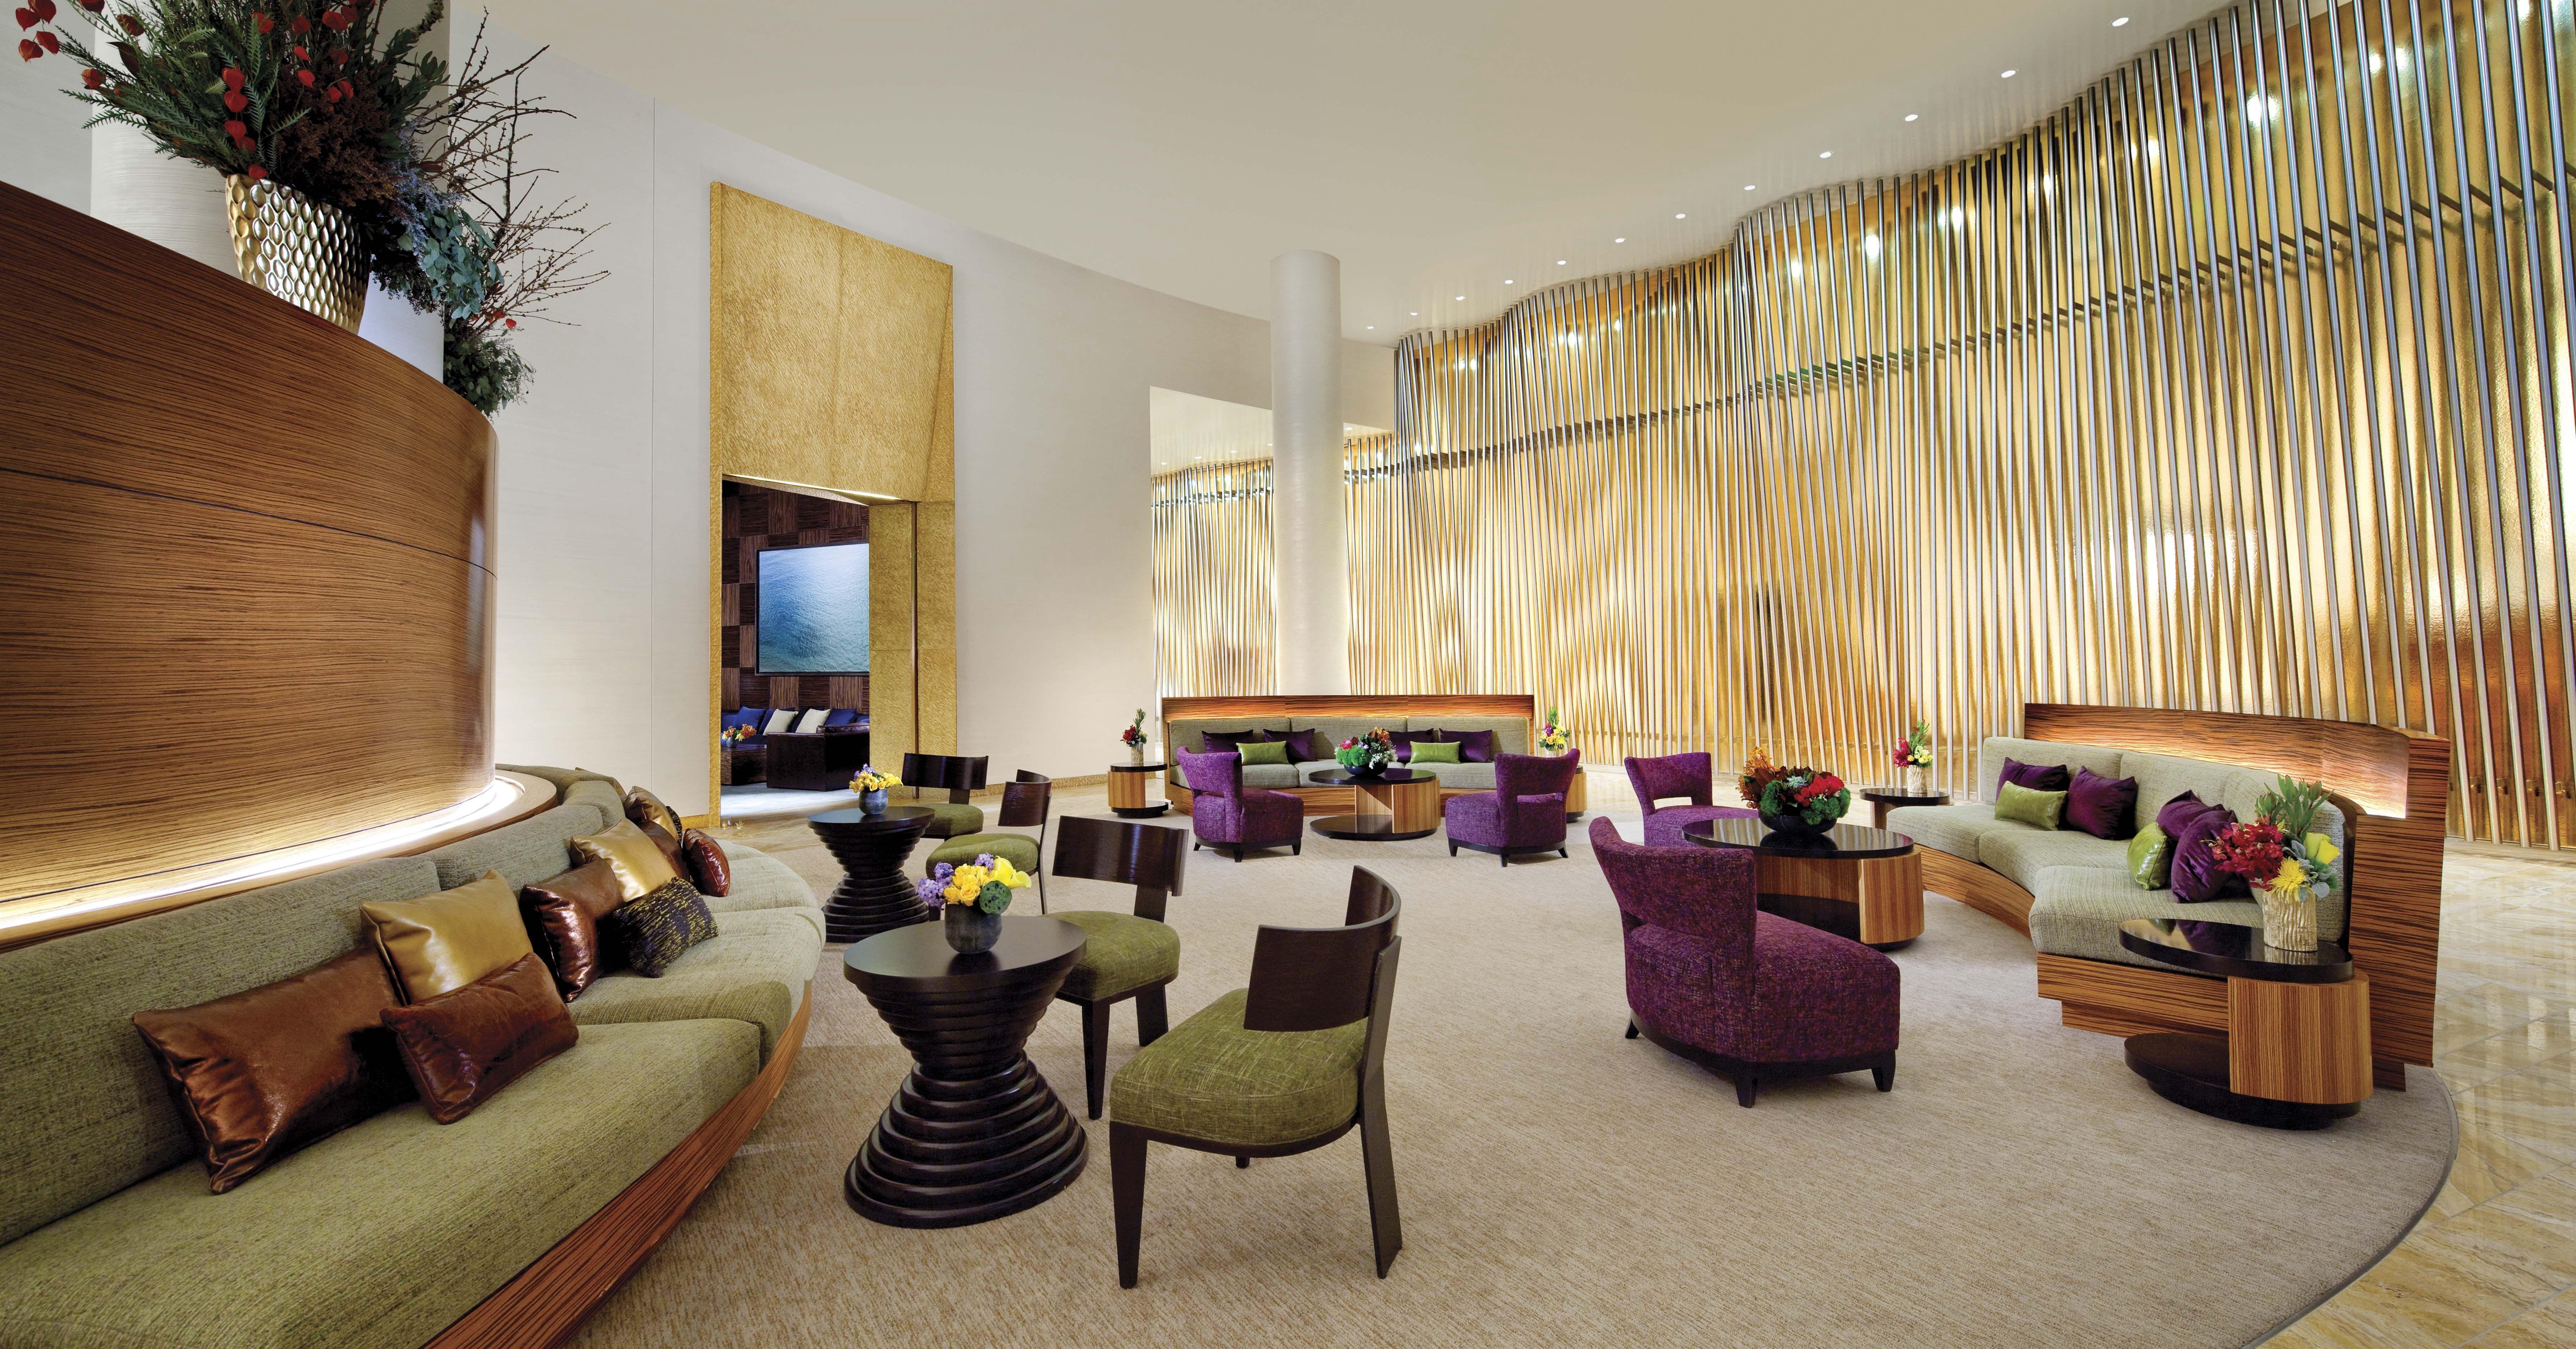 Aria Hotel Vip Check In Casino Las Vegas